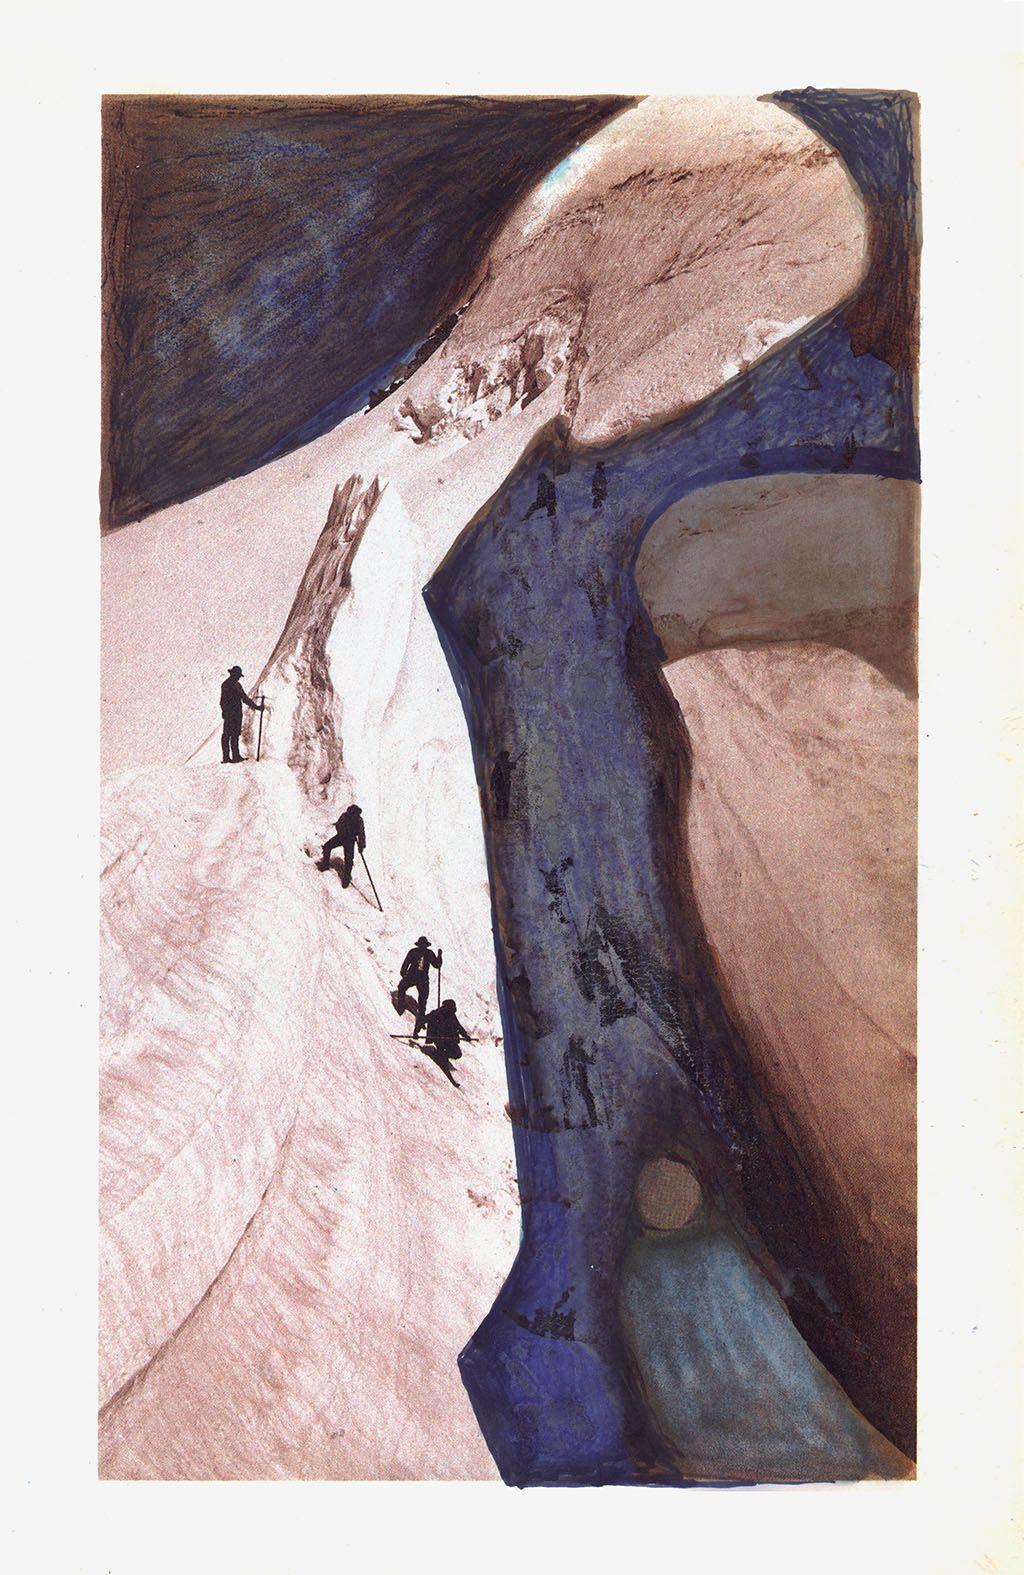 Mario Cesariny Ecce Ancilla Domini Sobre Fotografia De Bisson Freres Ascension Du Mont Blanc 1860 Colagem Da Serie Le Te Desenho Fotografia Inversao